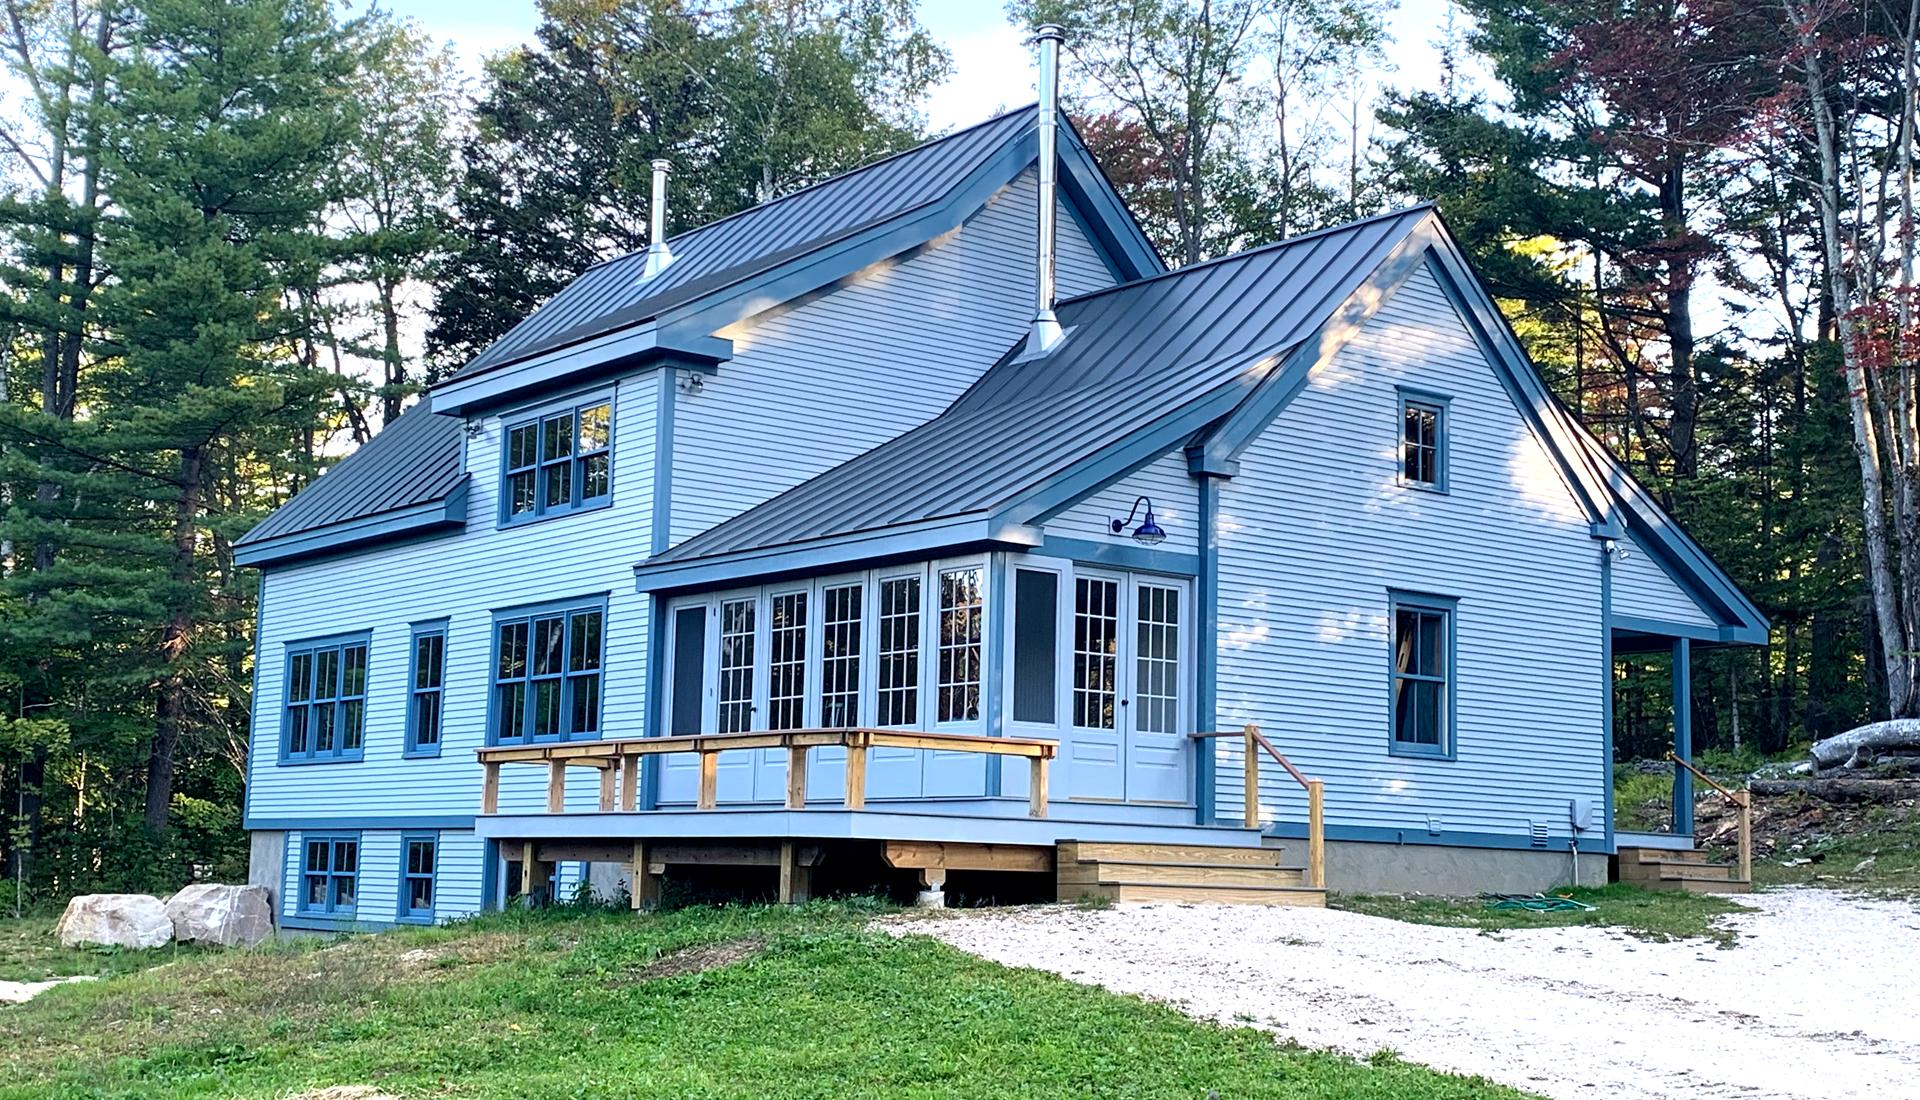 custom-home-builder-contractor-ludlow-vermont-bridgewater-woodstock-reading-pomfret-vt